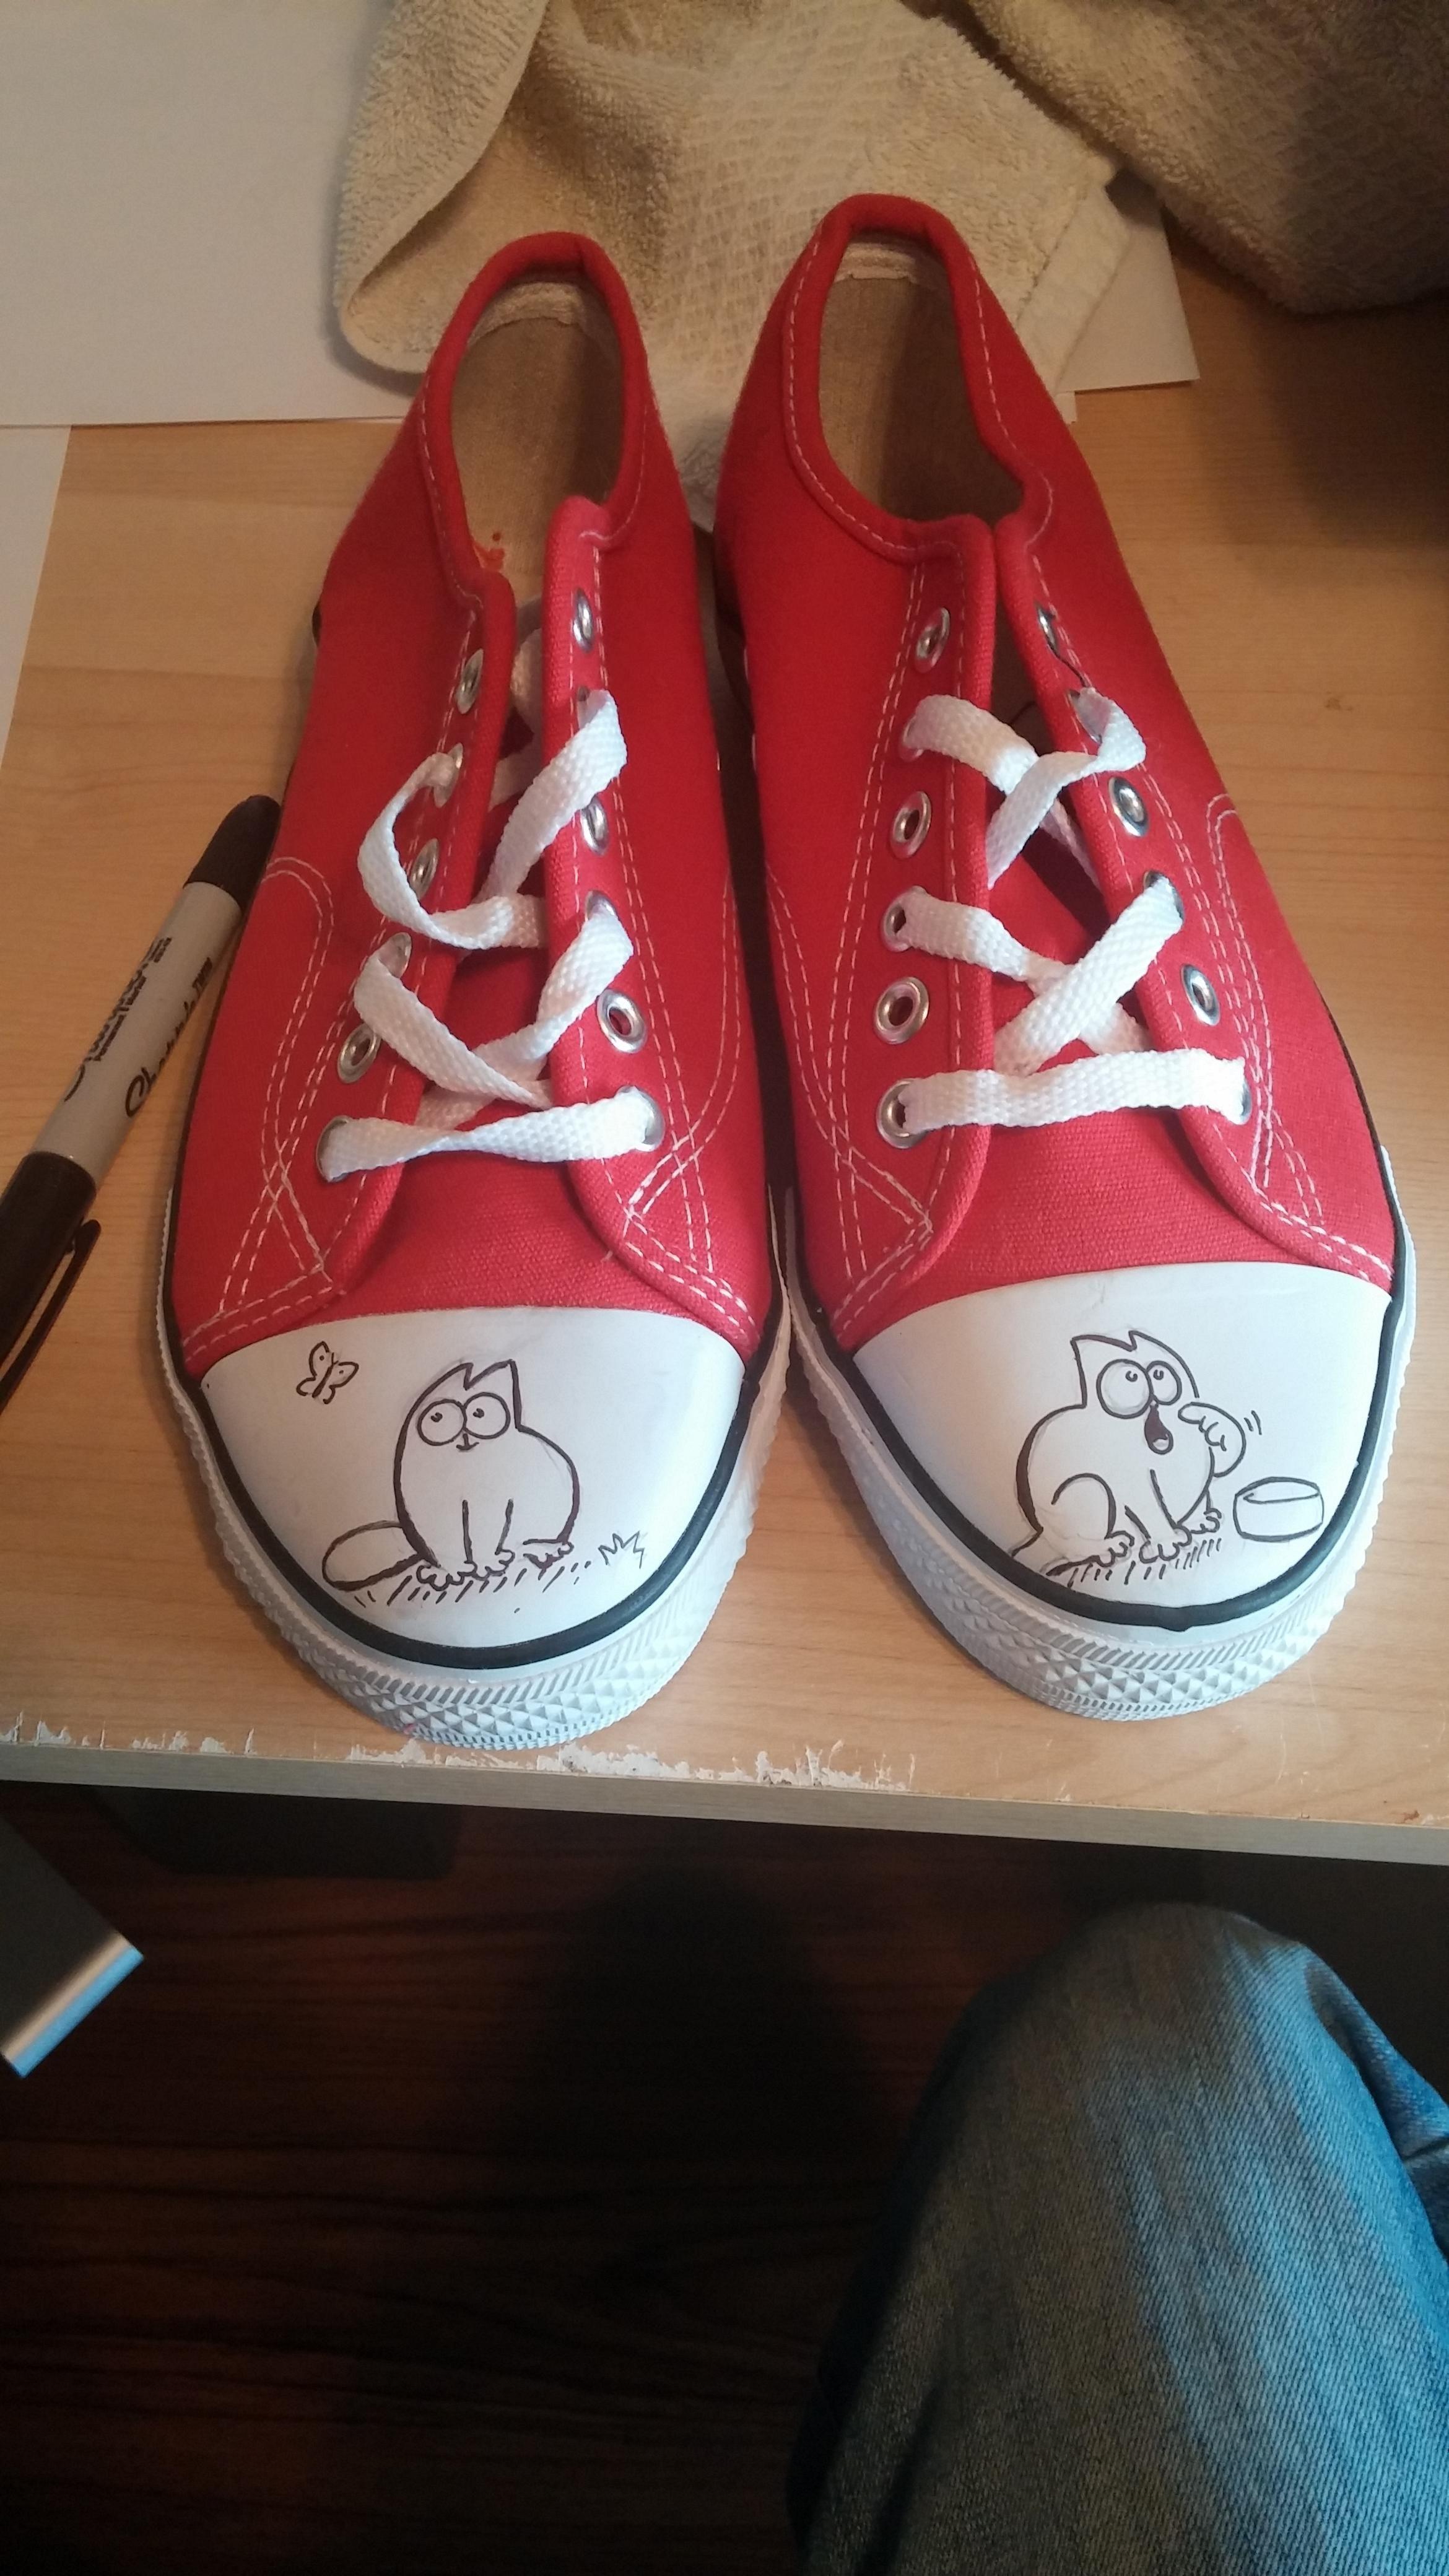 5e4eb1ab7 Simon s Cat Shoes I made my wife for XMAS